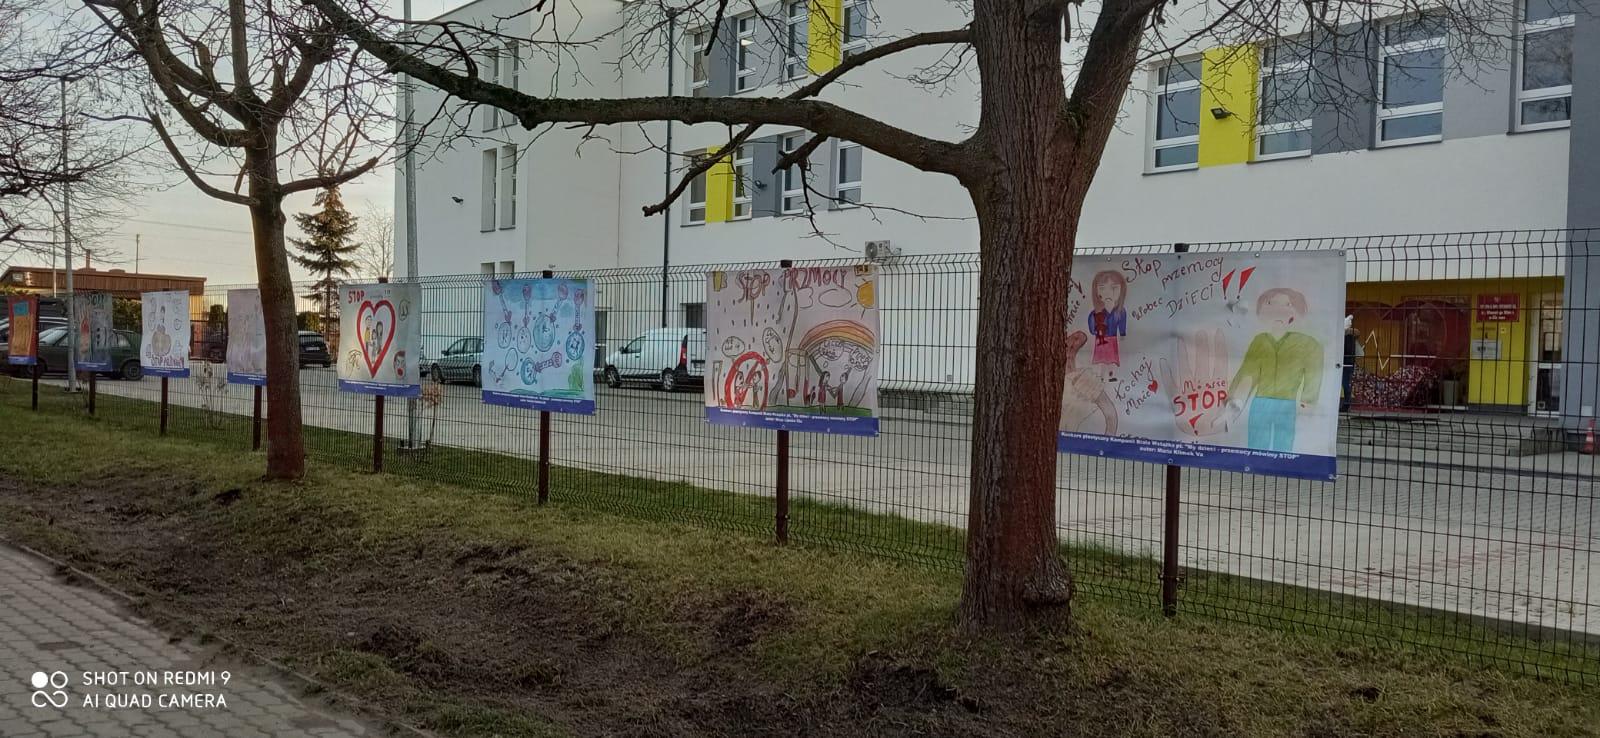 Banery z nagrodzonymi pracami zawisł na ogrodzeniu Szkoły Podstawowej w Gliniance